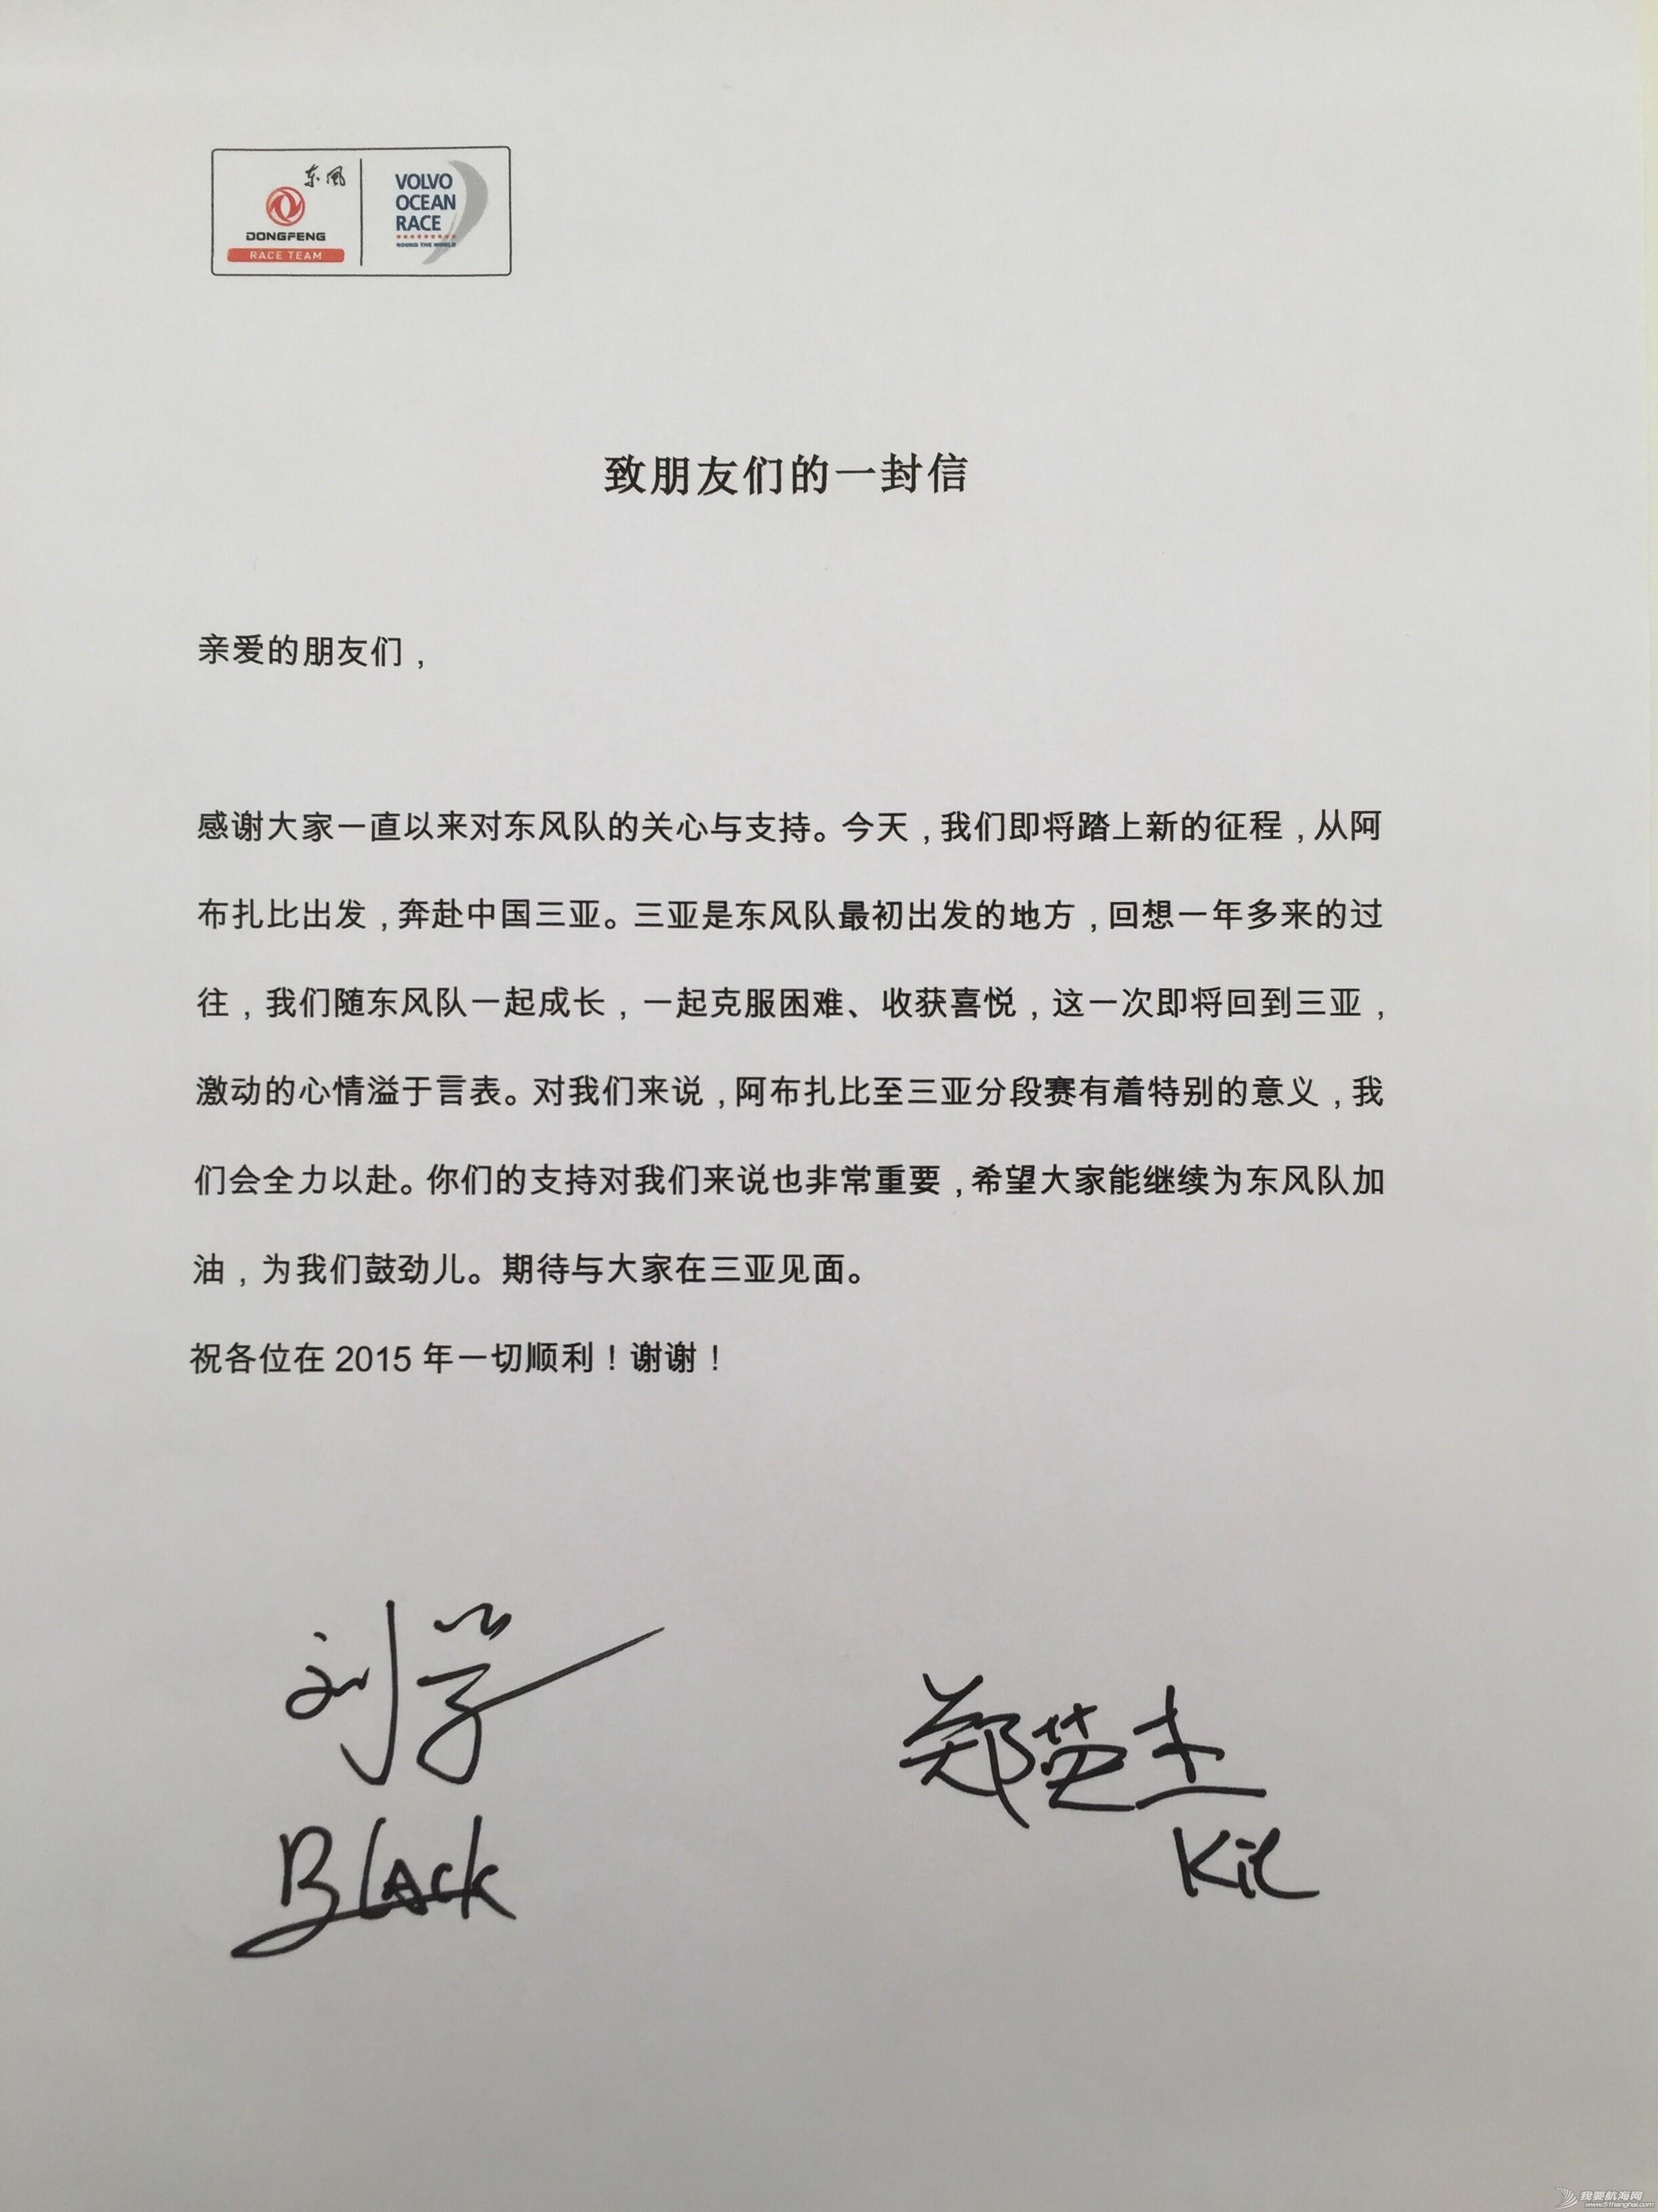 北京时间,阿布扎比,中国籍,朋友,三亚 出发三亚 |  致朋友们的一封信